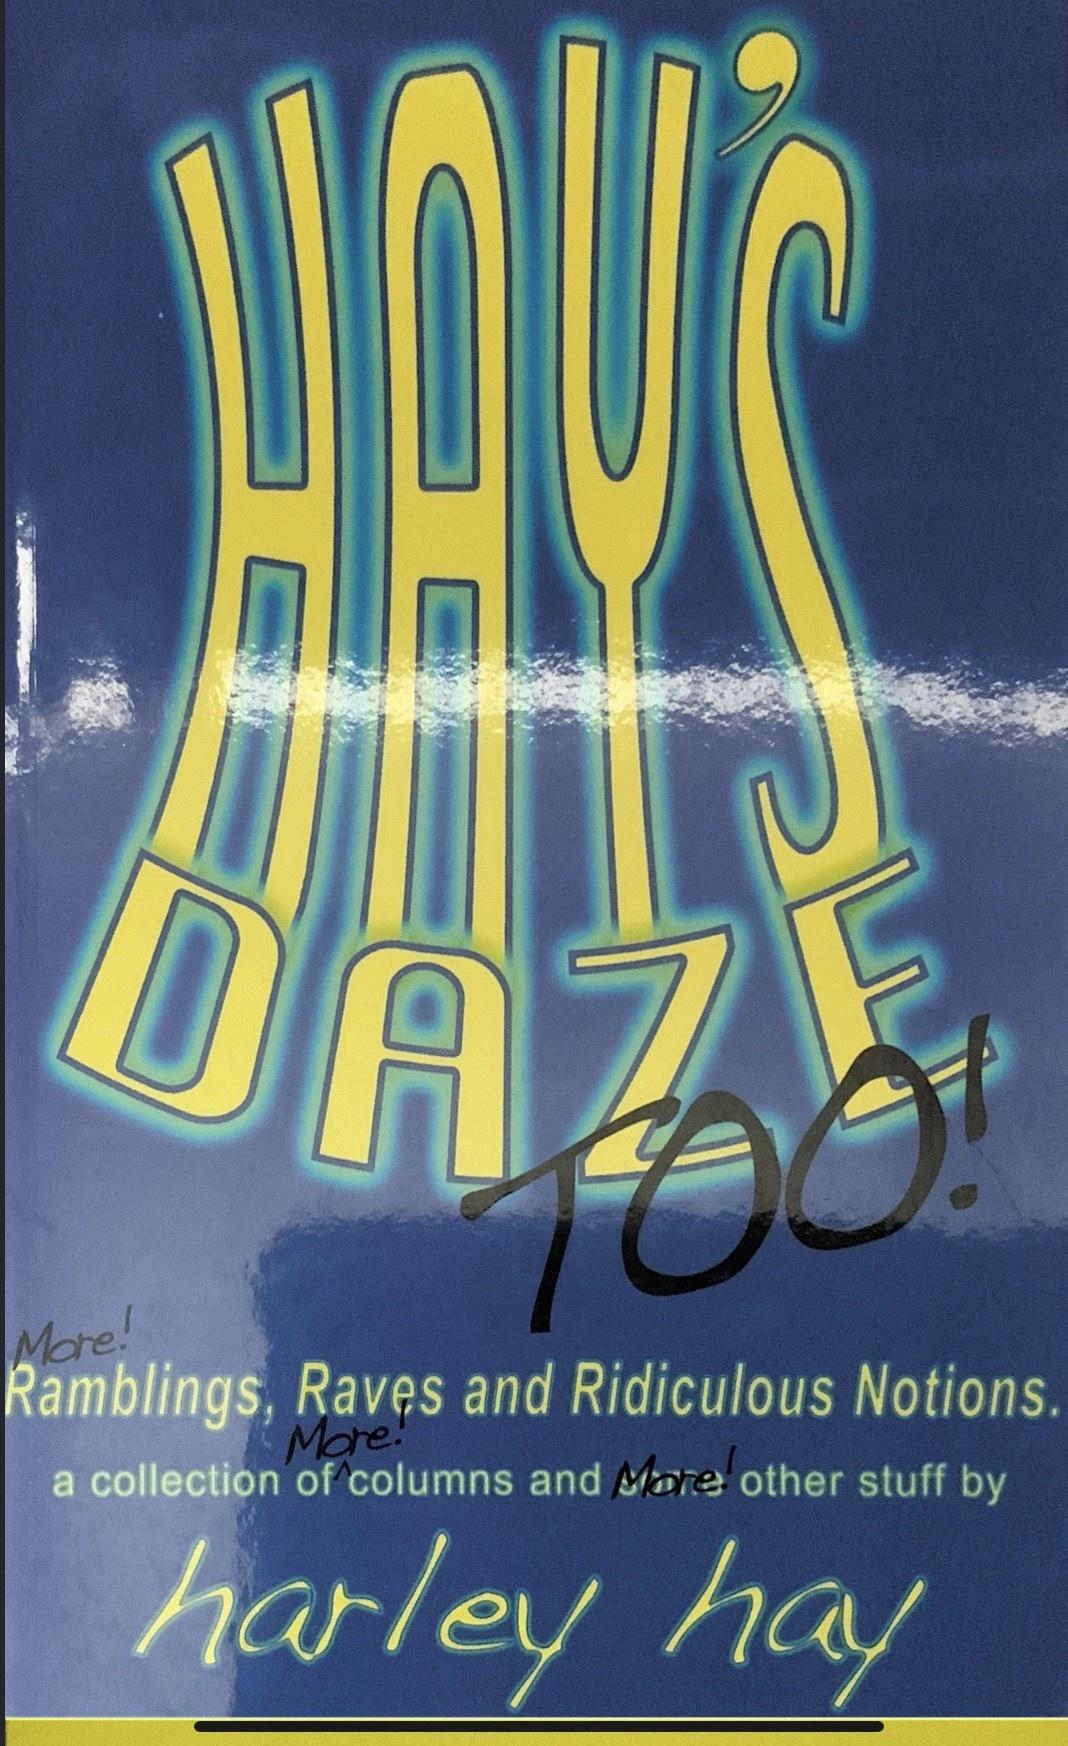 Hays Daze Too